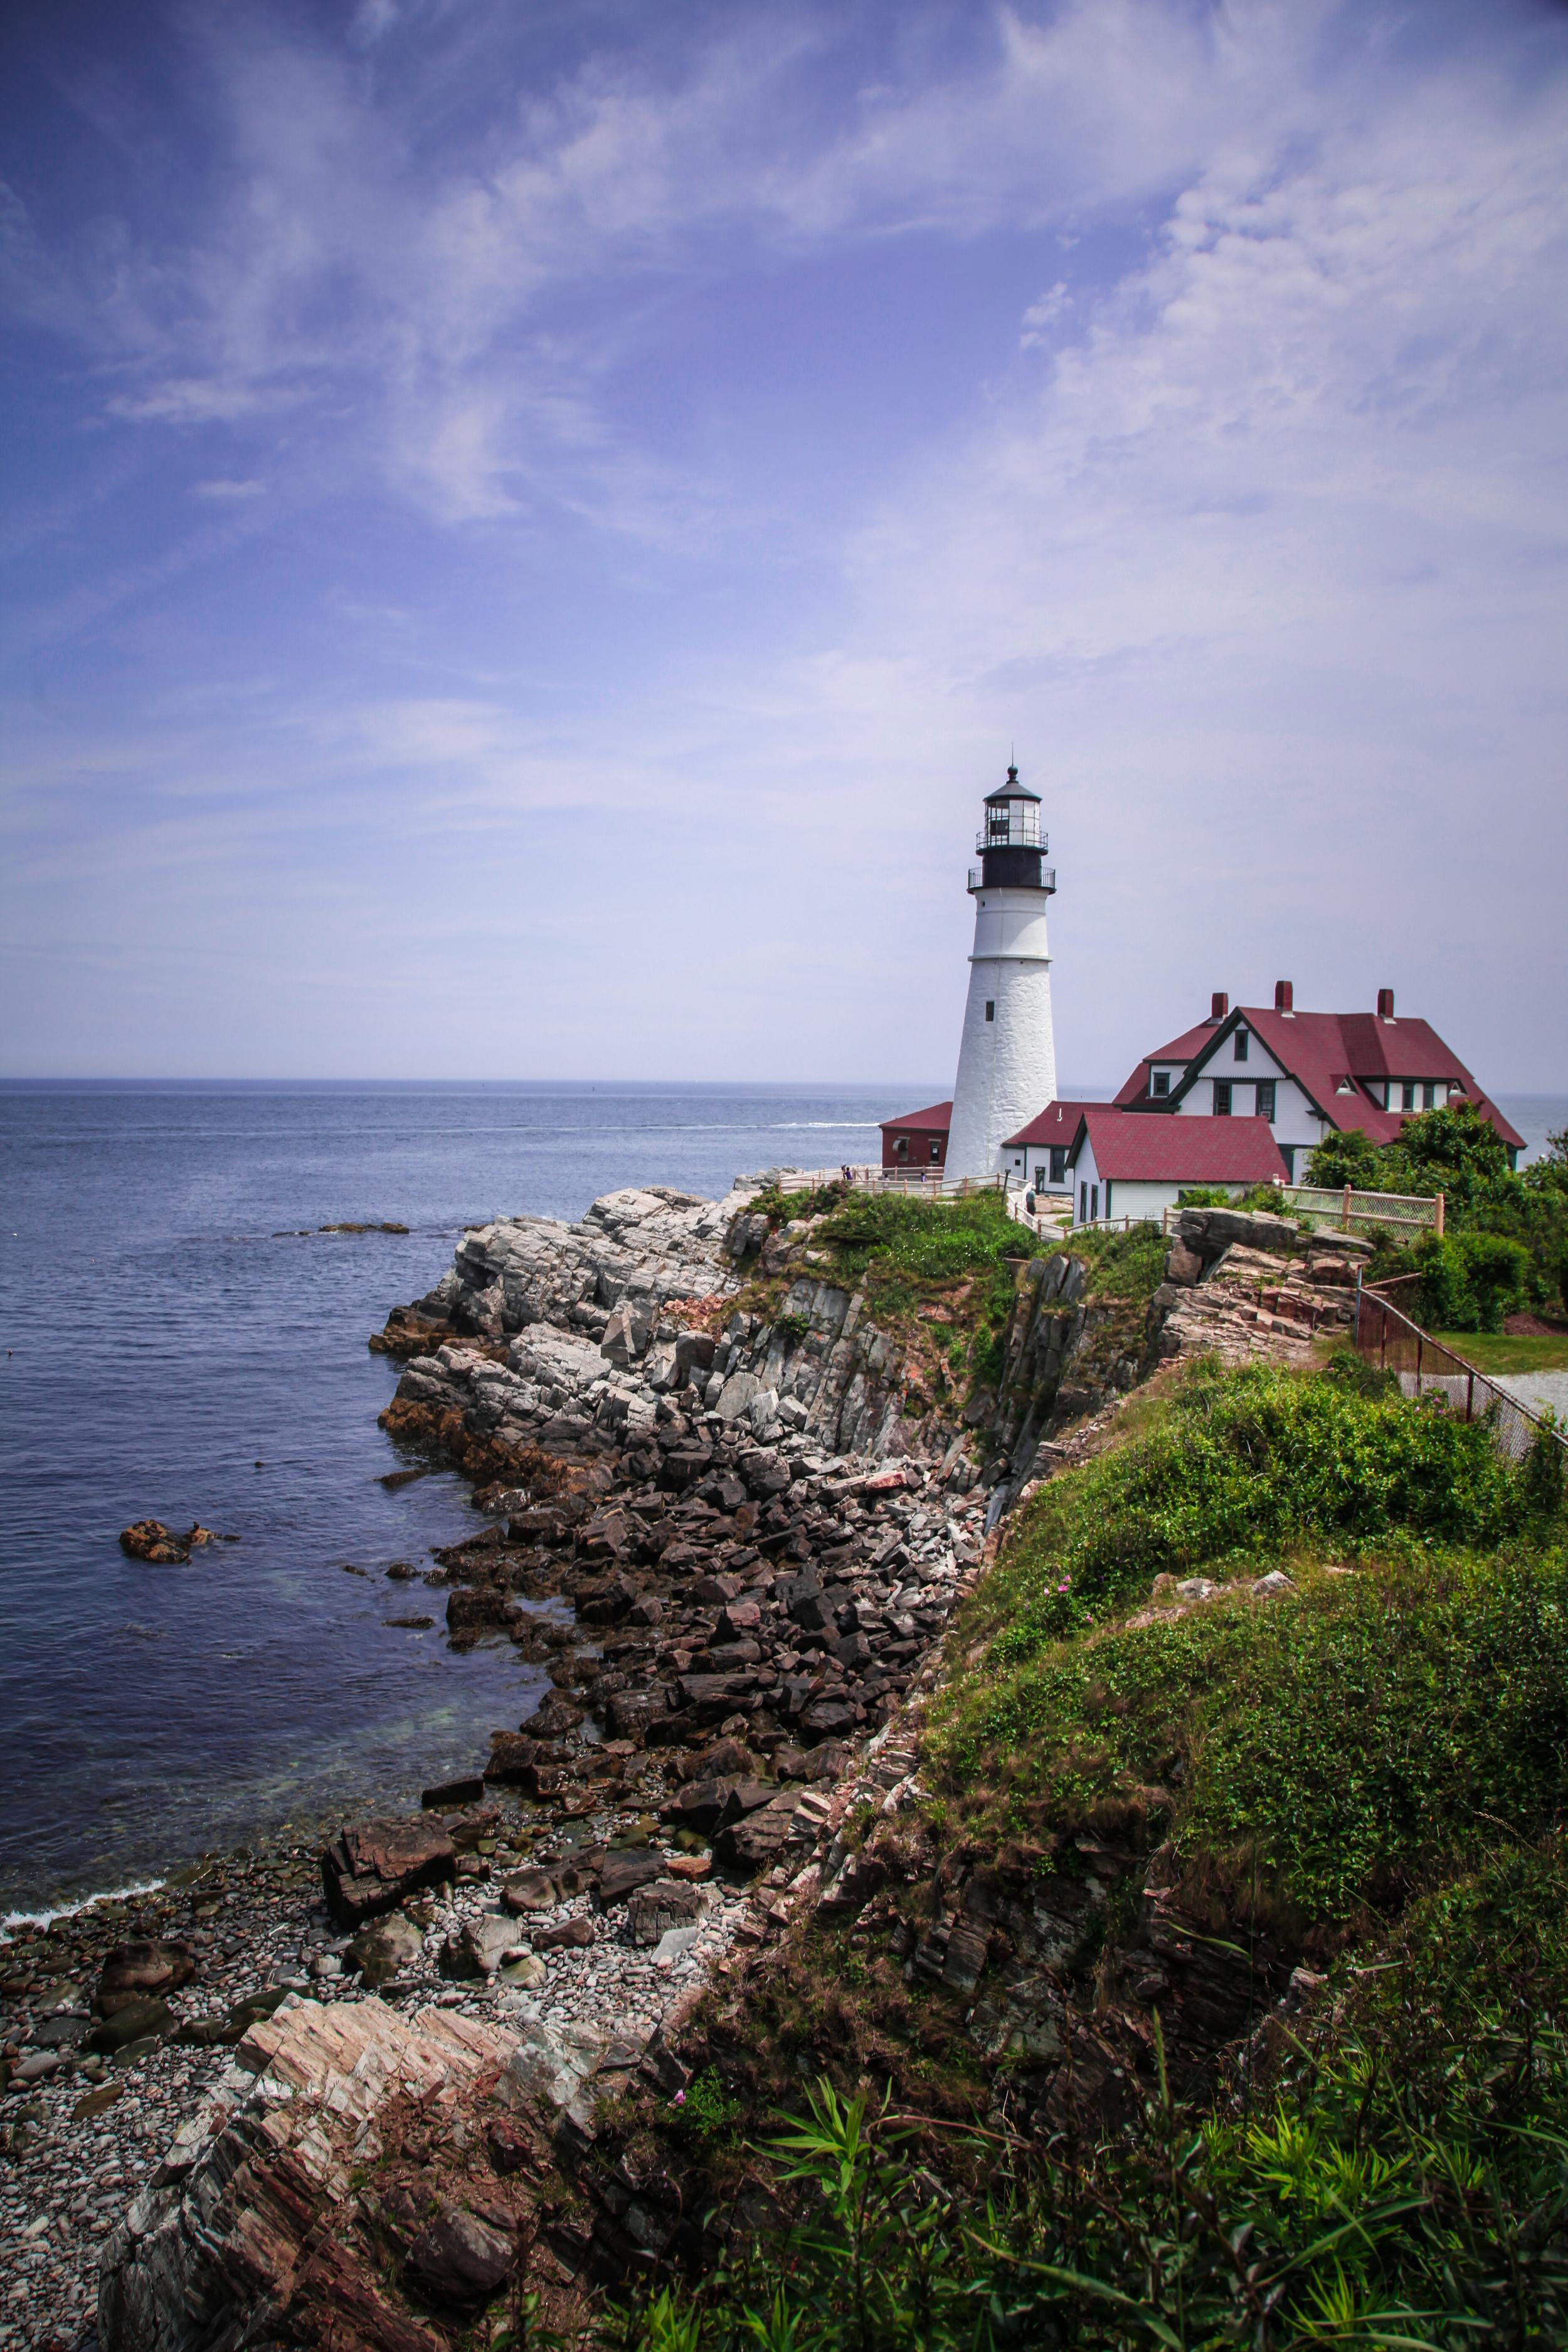 Lighthouse - Maine 2013 - 5DIII